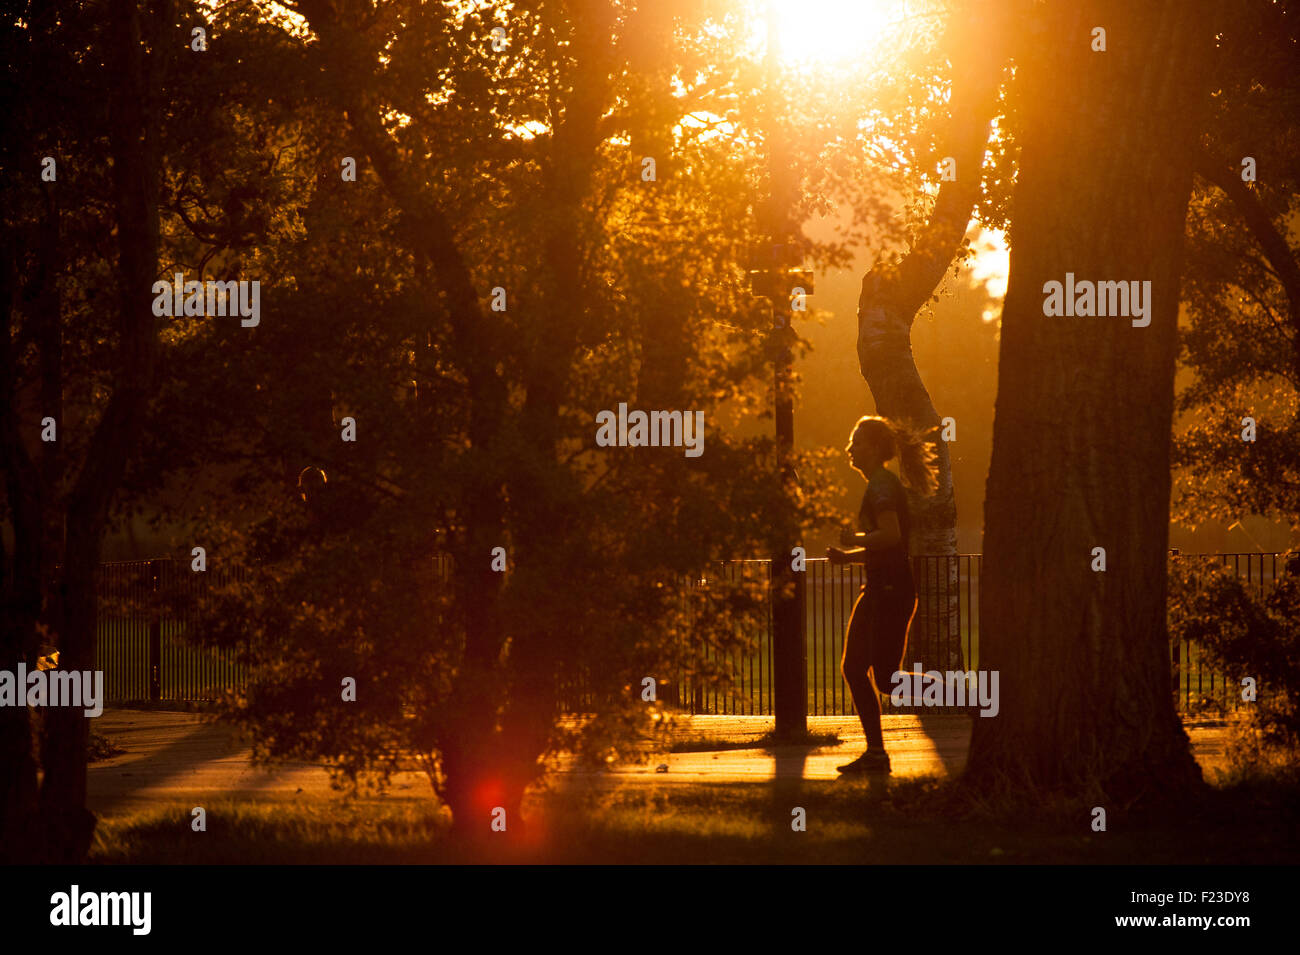 La mattina presto in un parco di Londra Immagini Stock